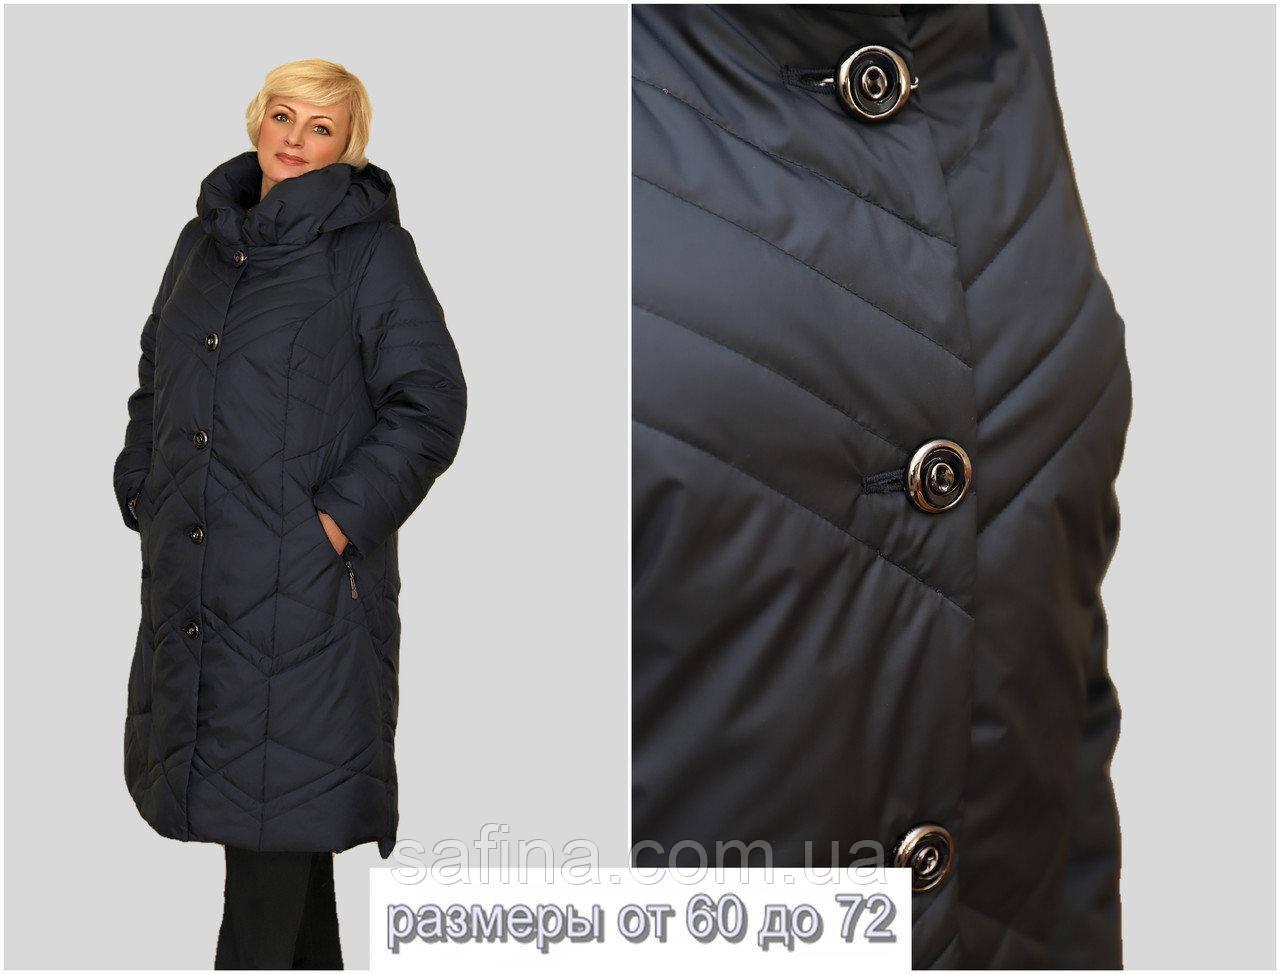 Удлинённая женская куртка супербатал до 72 размера